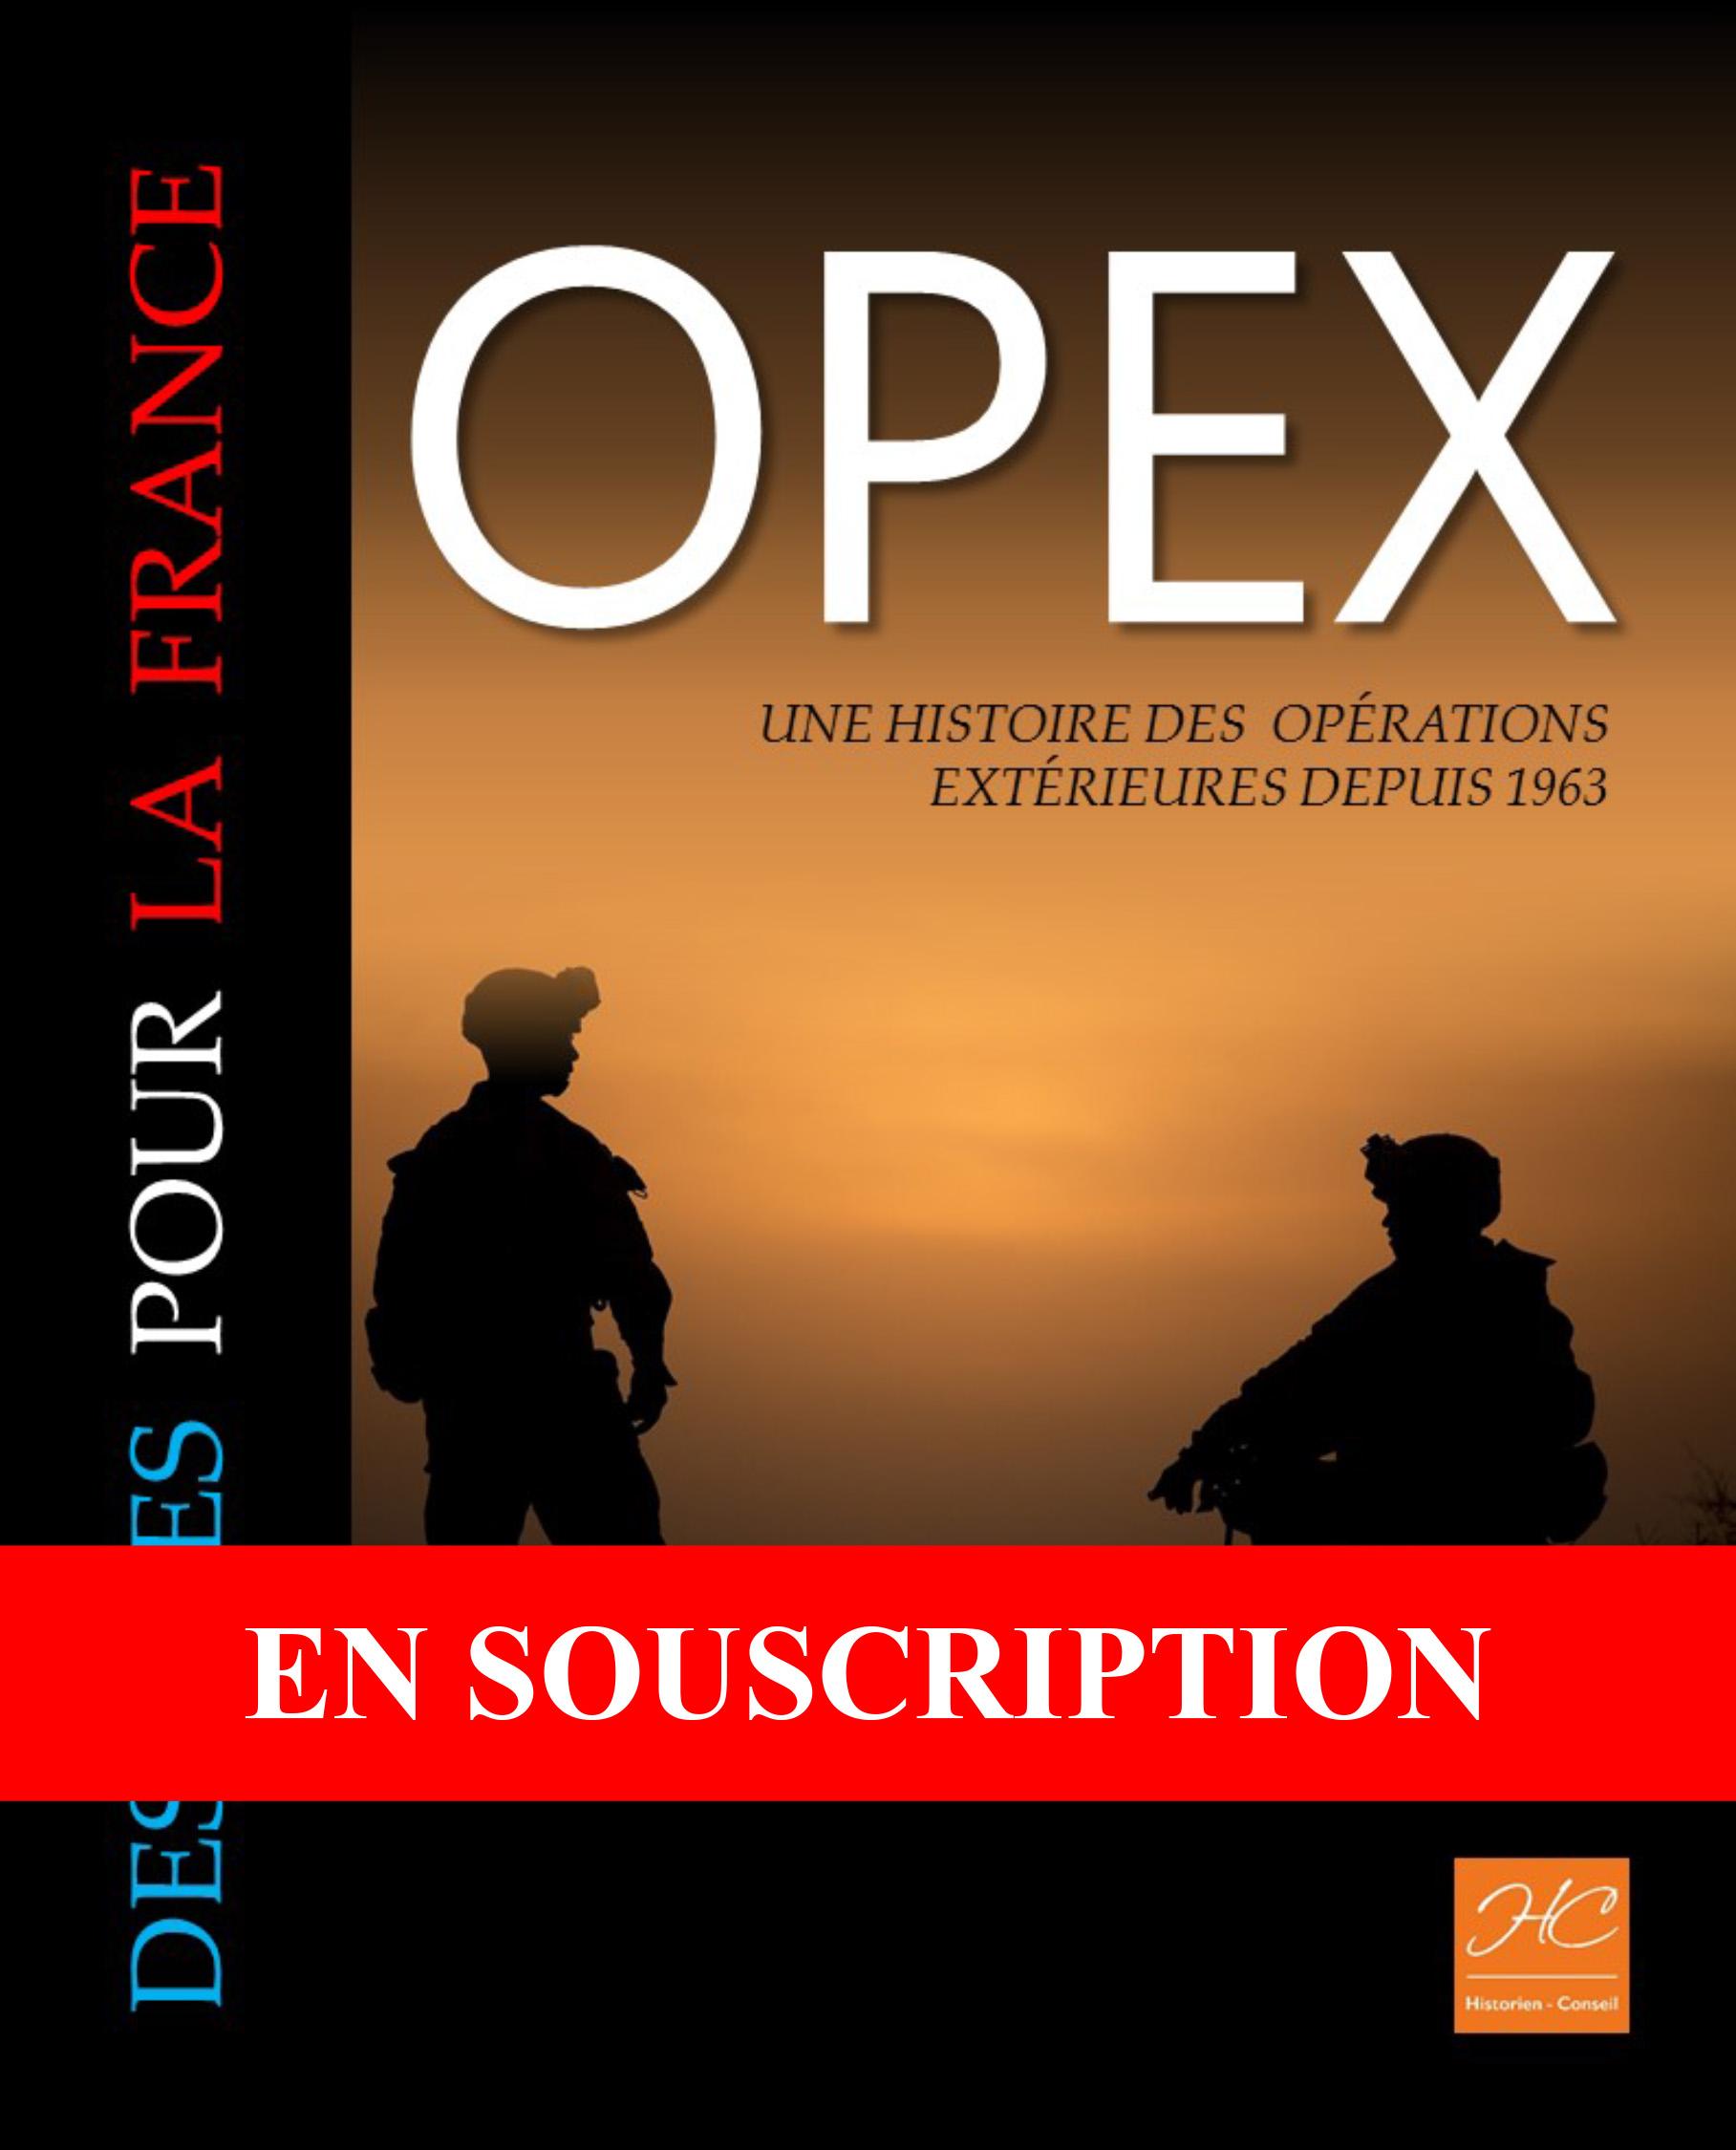 OPEX une histoire des opérations extérieures depuis 1963